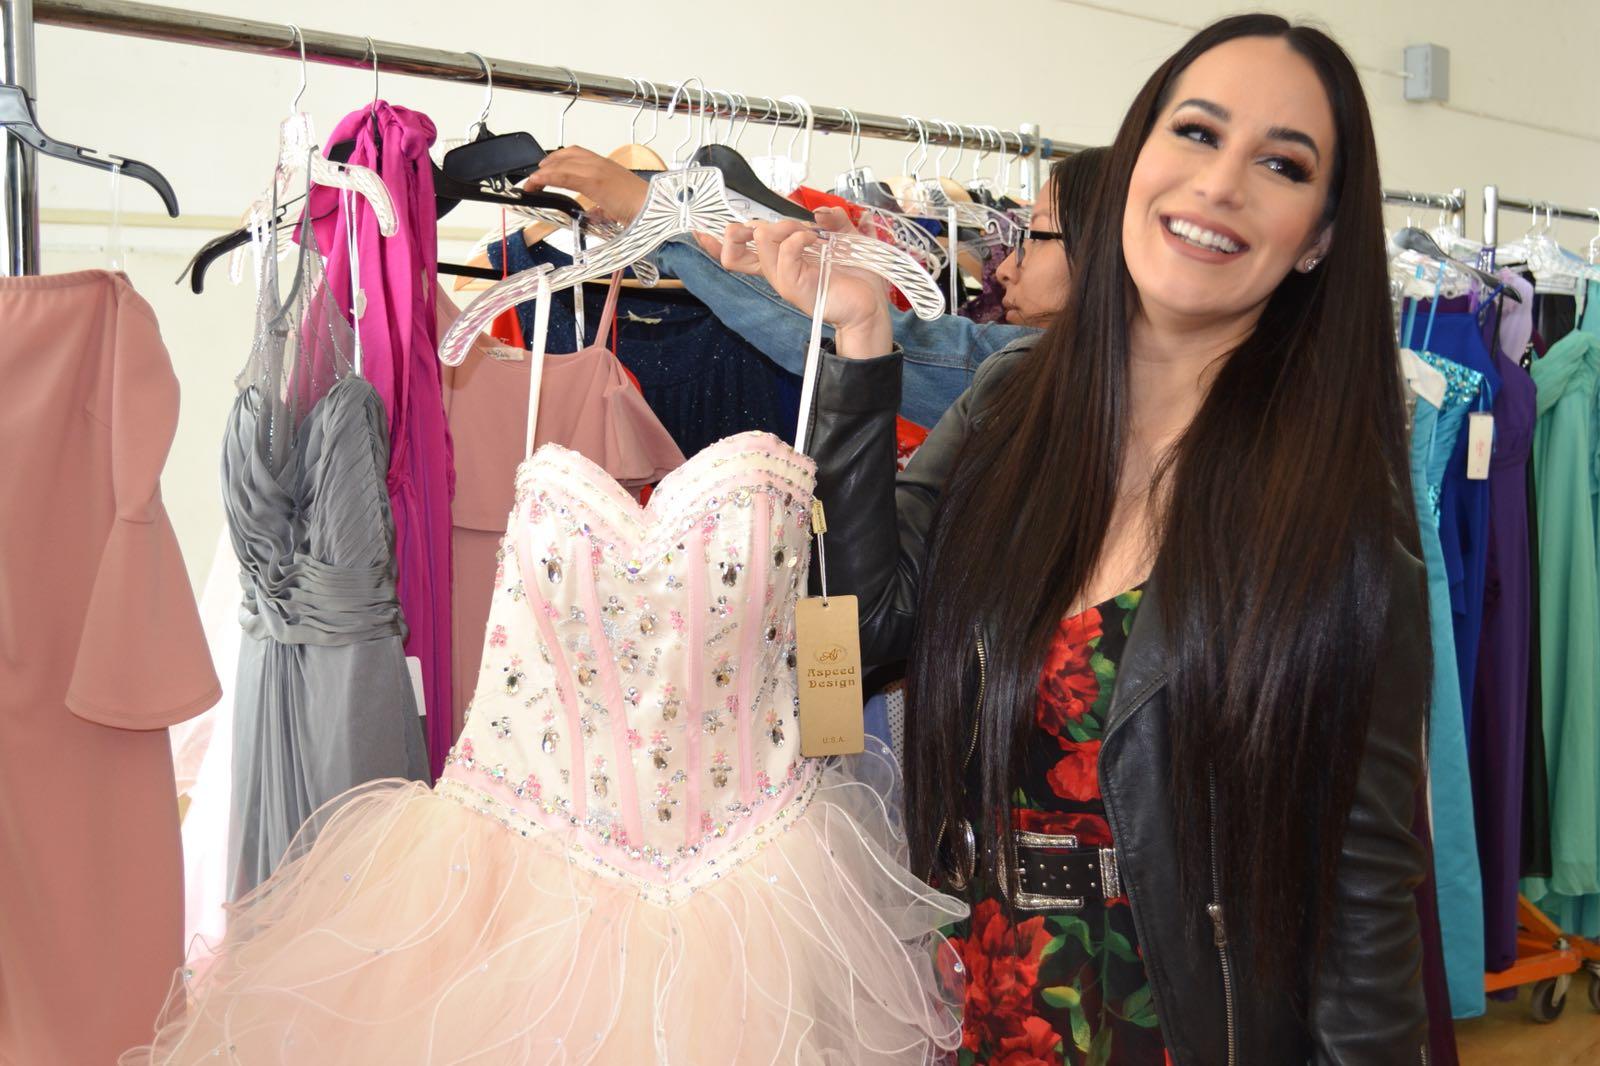 Victoria 'La Mala' celebró a las ganadoras de su #Teammalapromgiveaway en Los Ángeles con un evento inolvidable